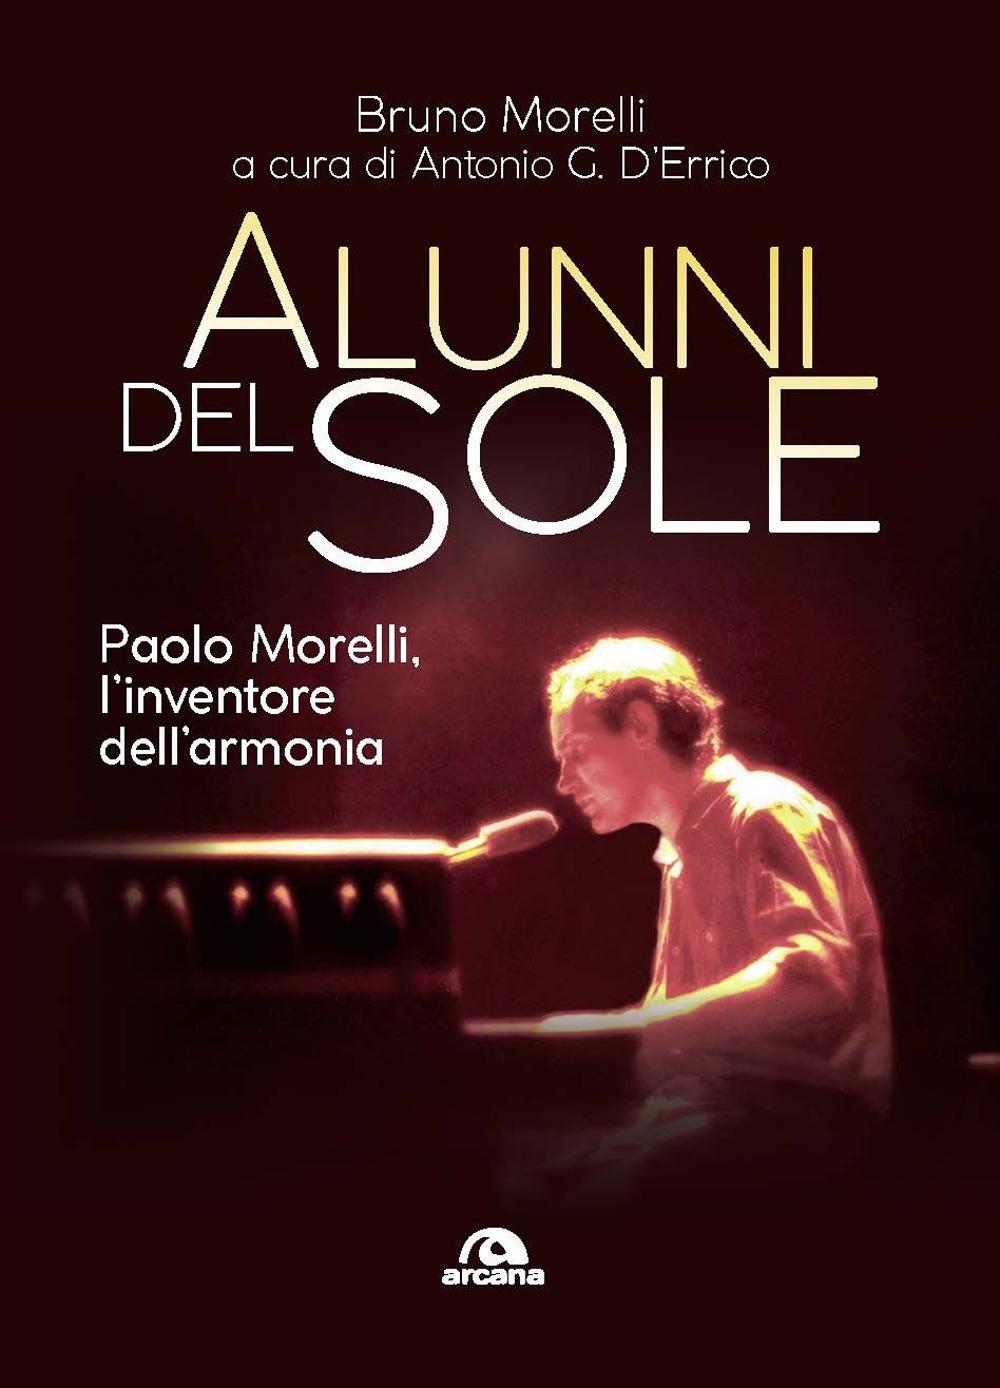 ALUNNI DEL SOLE. PAOLO MORELLI, L'INVENTORE DELL'ARMONIA - Morelli Bruno; D'Errico A. G. (cur.) - 9788862317405